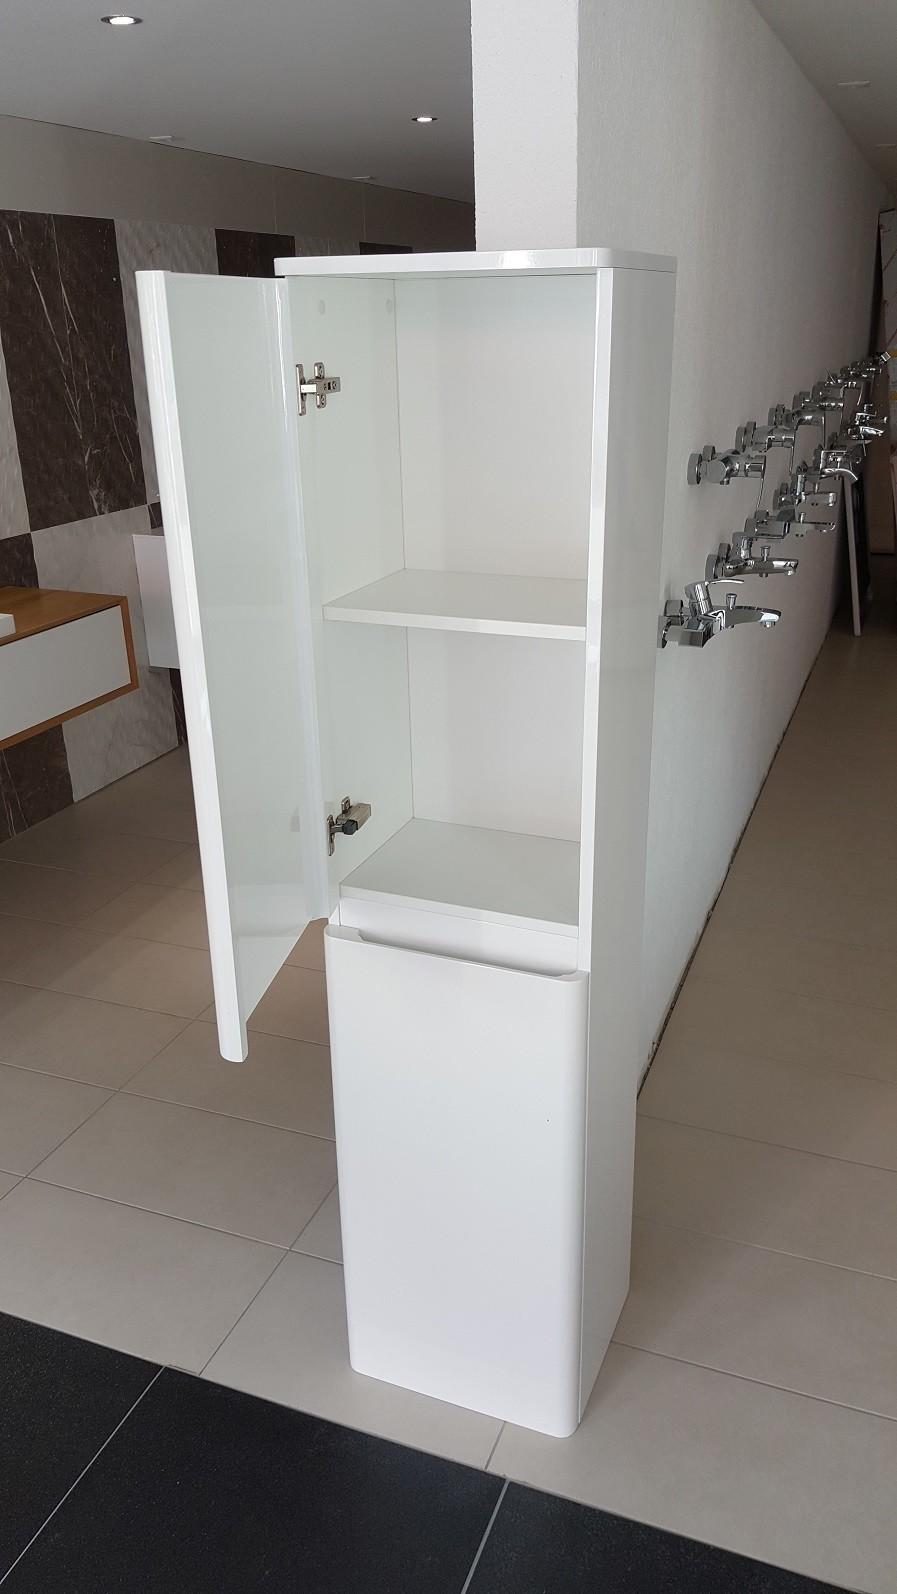 meuble colonne salle de bain d 39 exposition vendre exposition de salles de bain cuisines. Black Bedroom Furniture Sets. Home Design Ideas